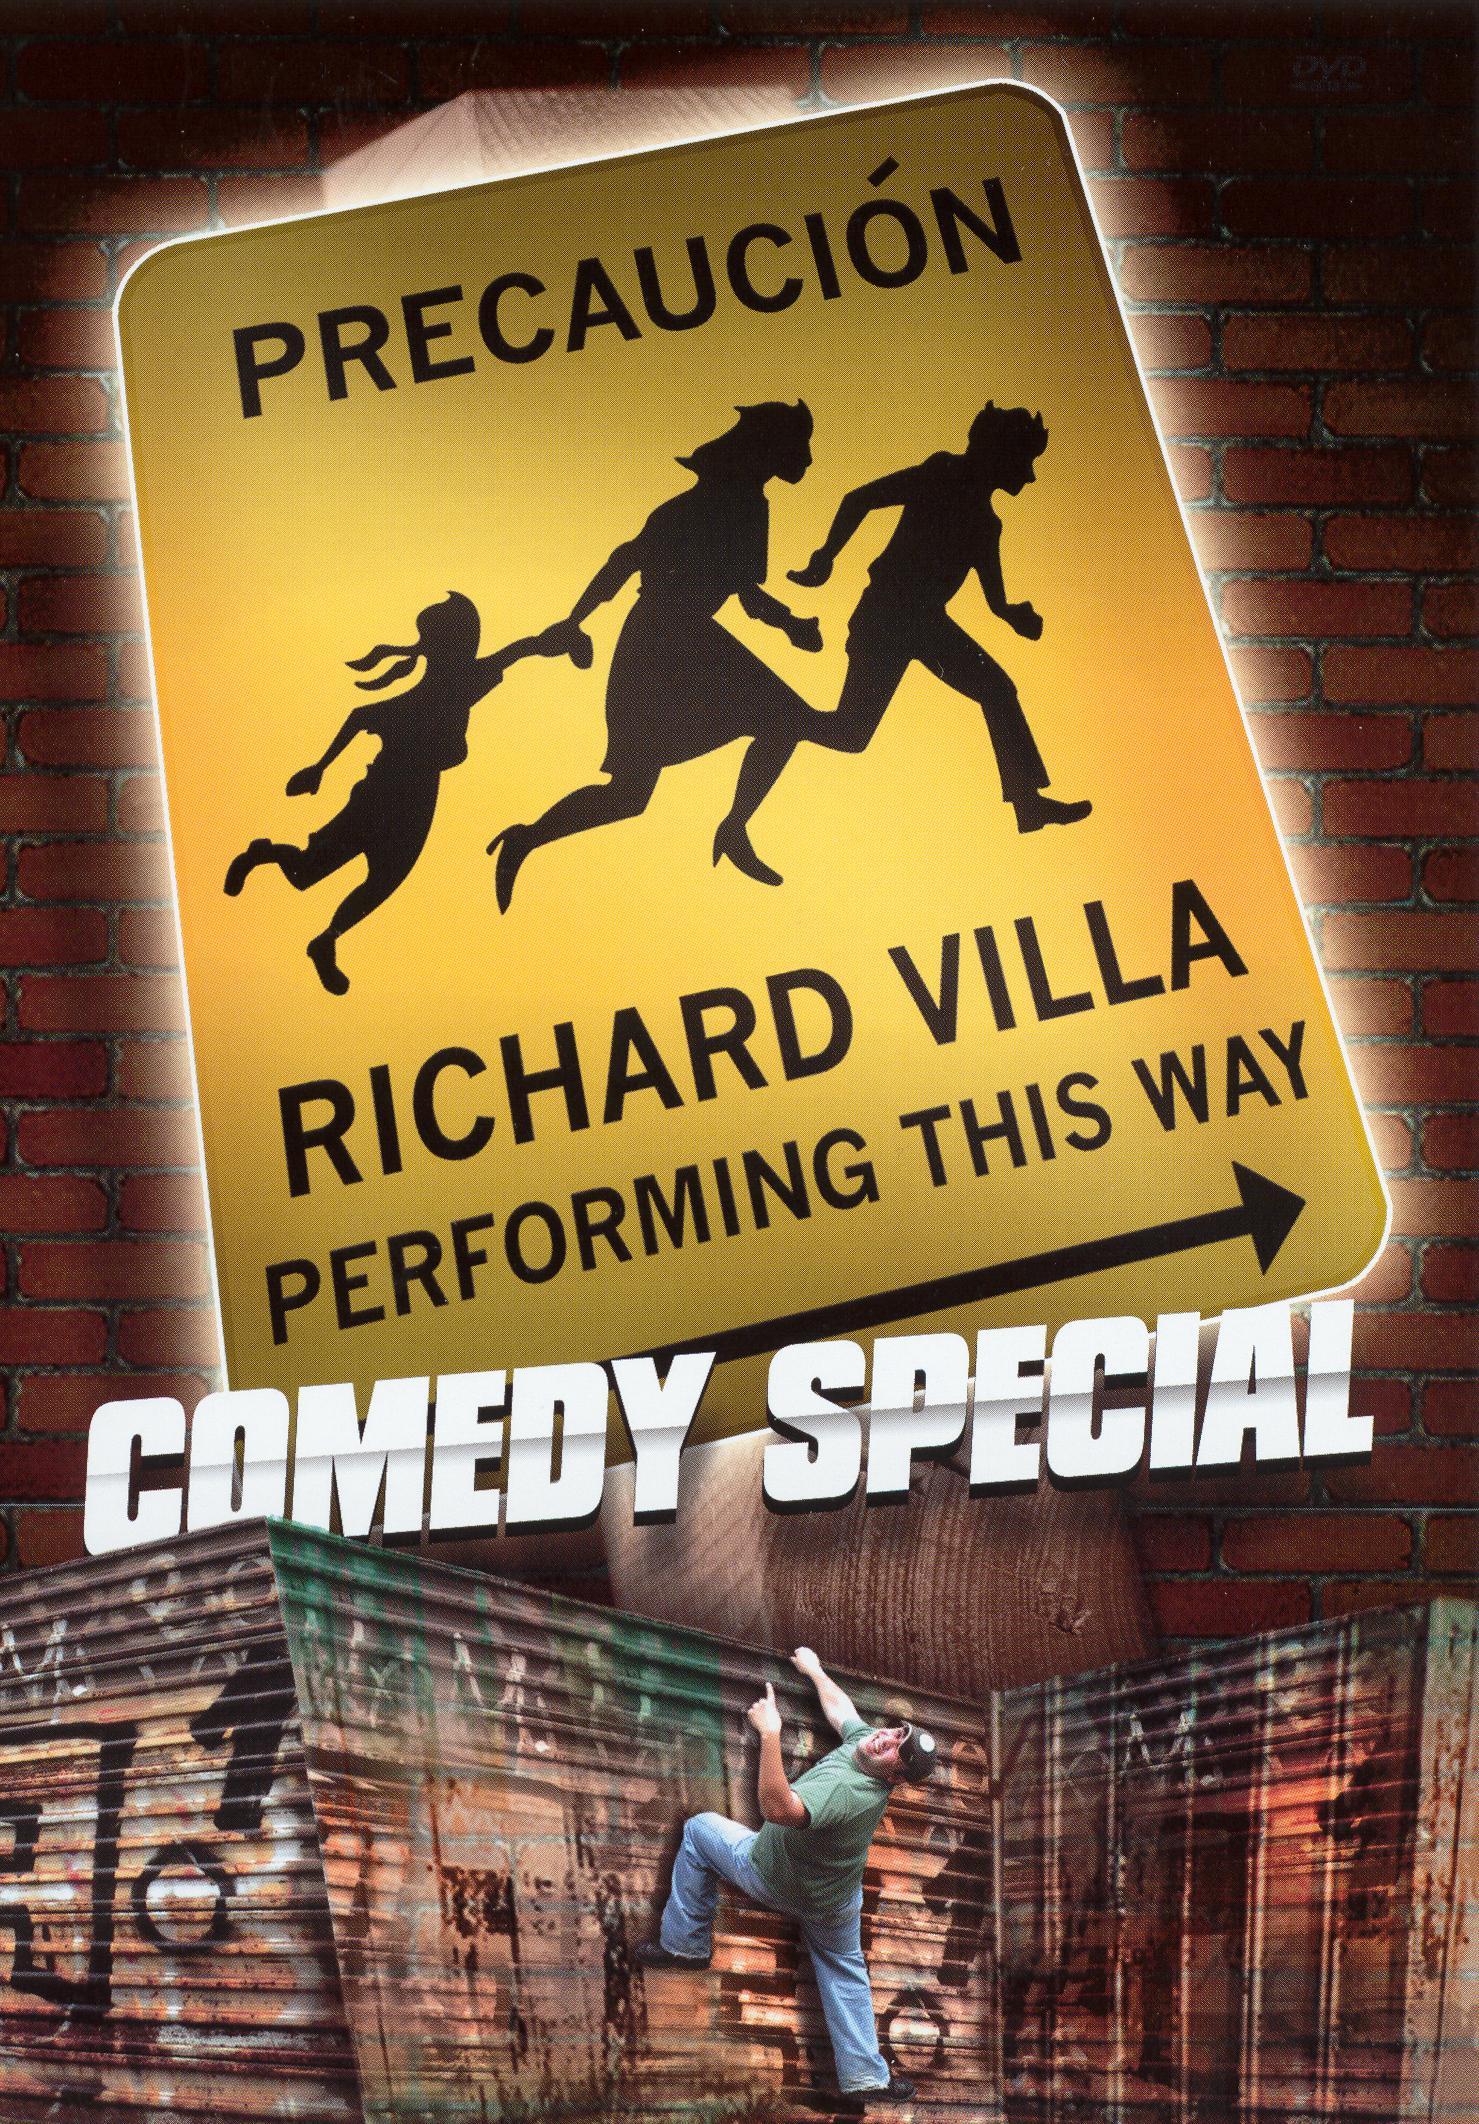 Richard Villa: Precaución - Richard Villa Performing This Way